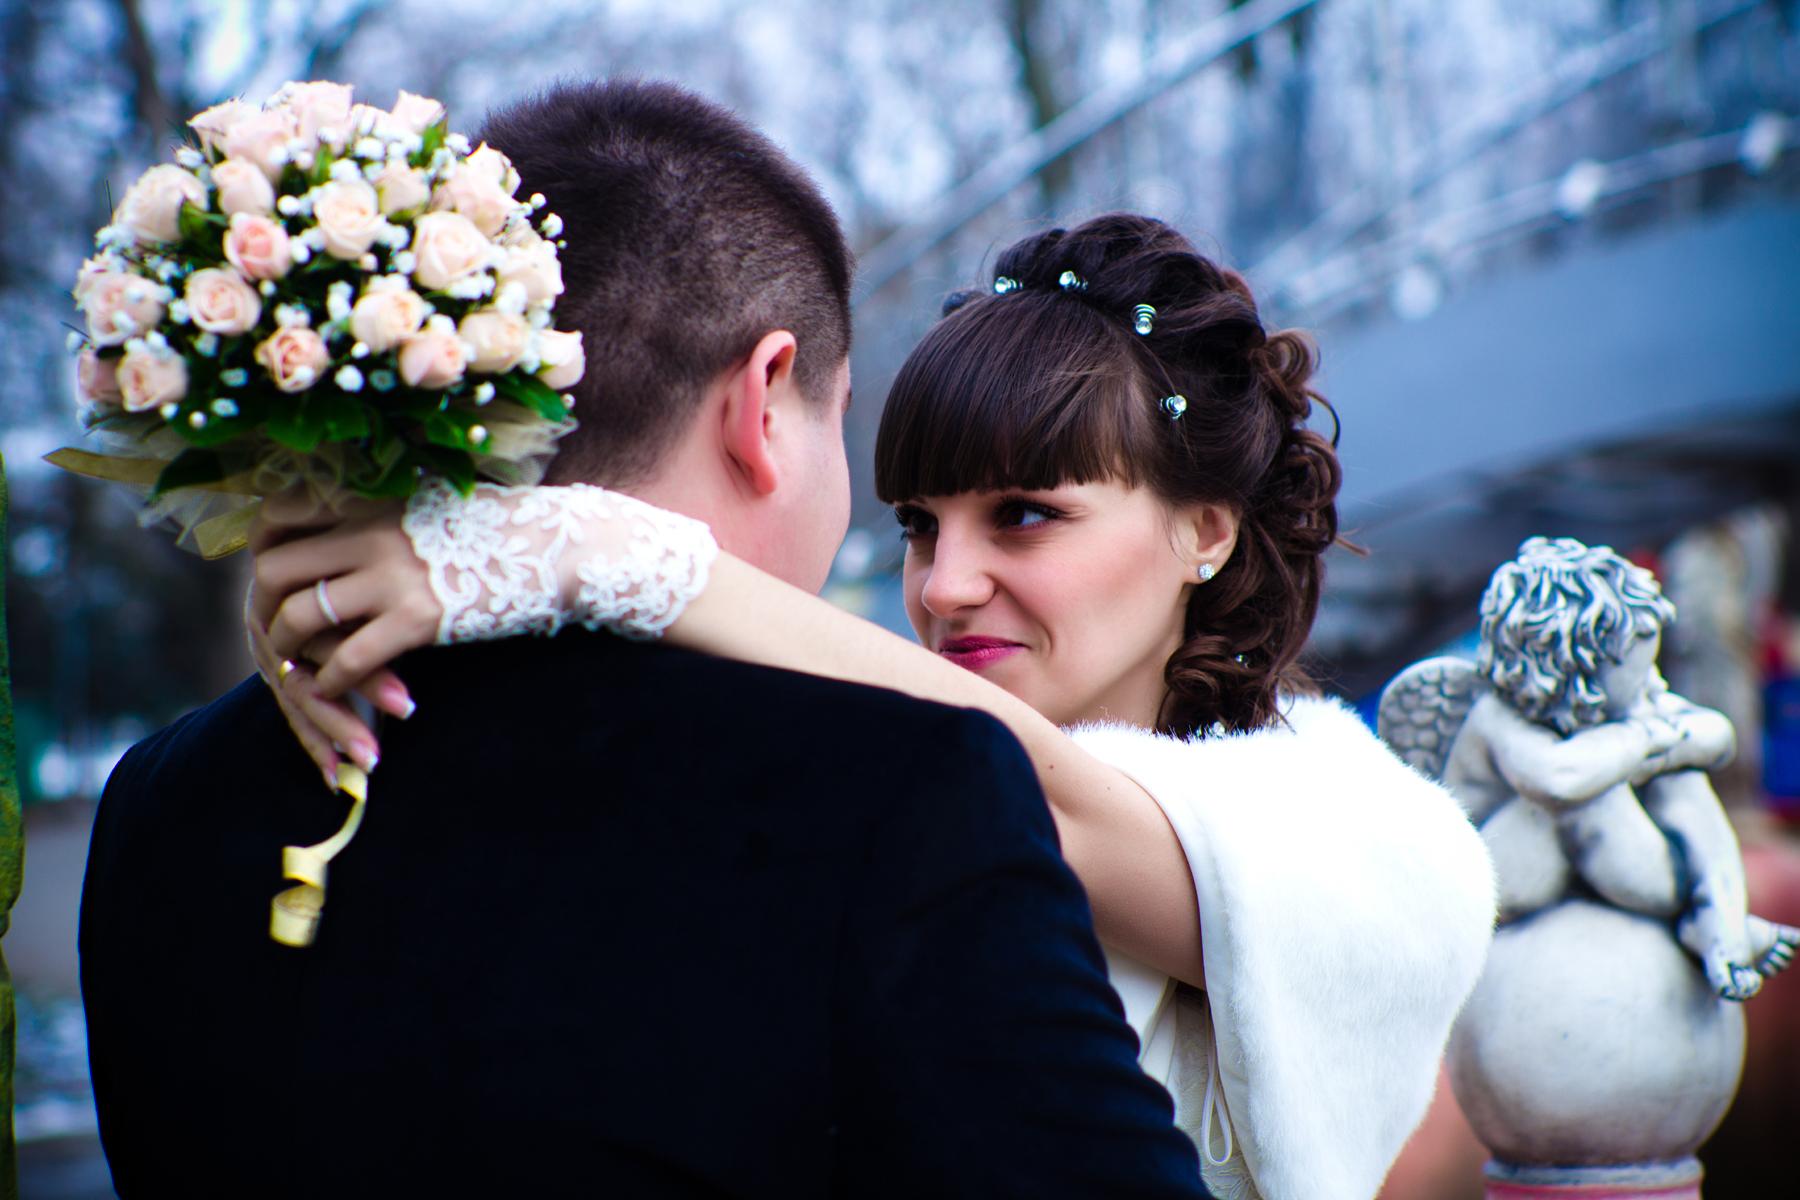 теги для свадебного фотографа статьядень